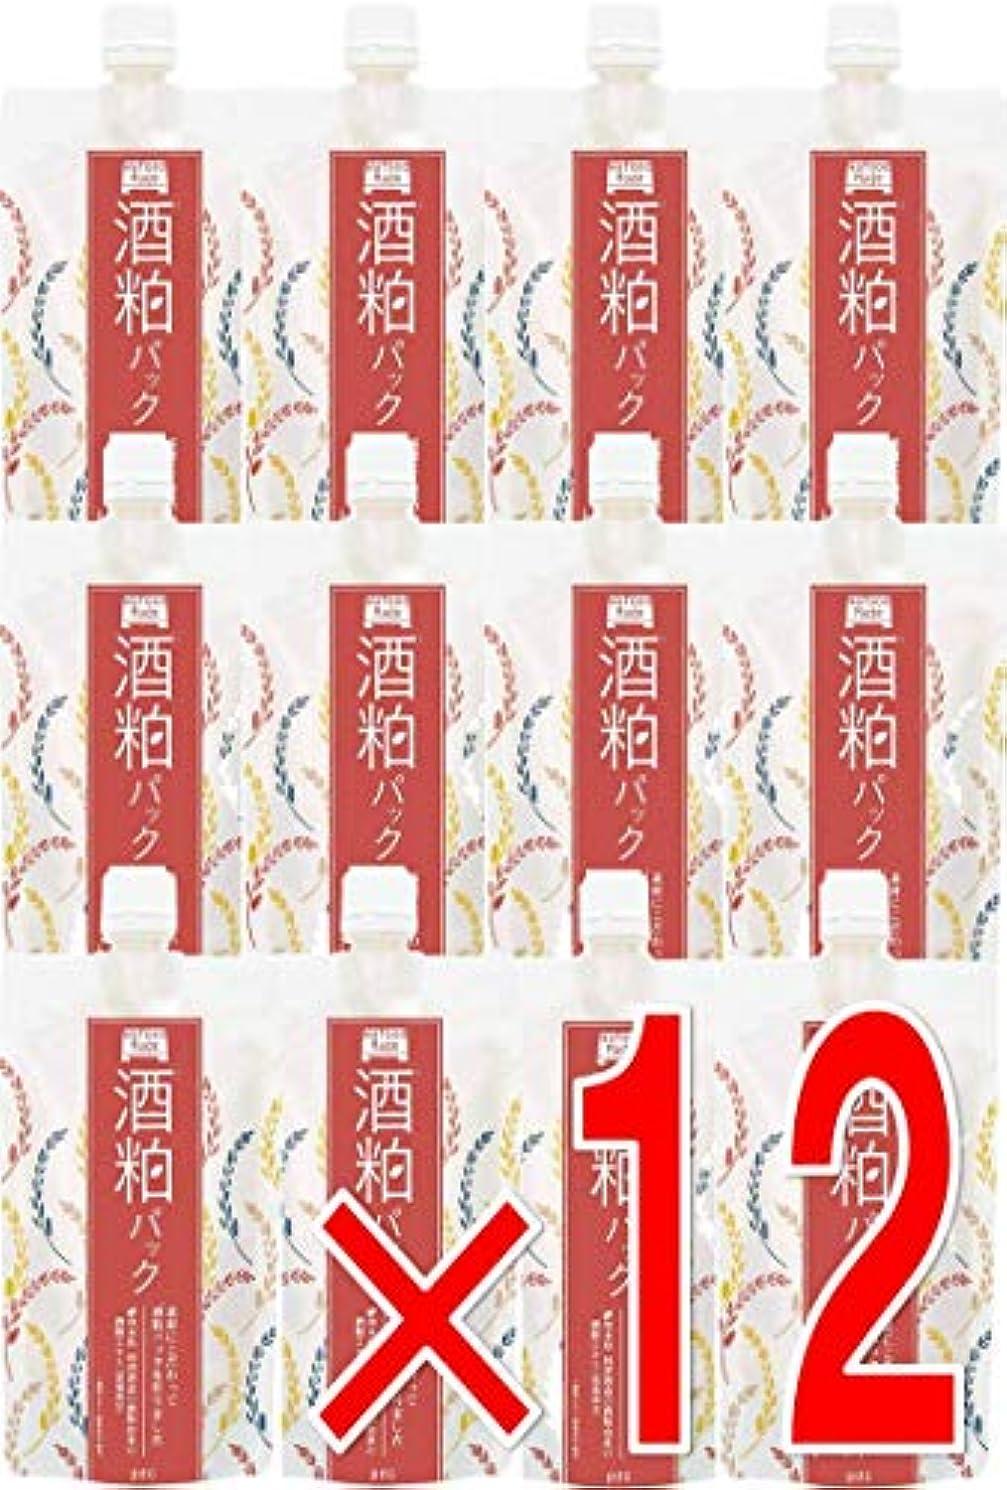 彼ら拡張おっと【 12個 】 ワフードメイド (Wafood Made) 酒粕パック 170g 日本製